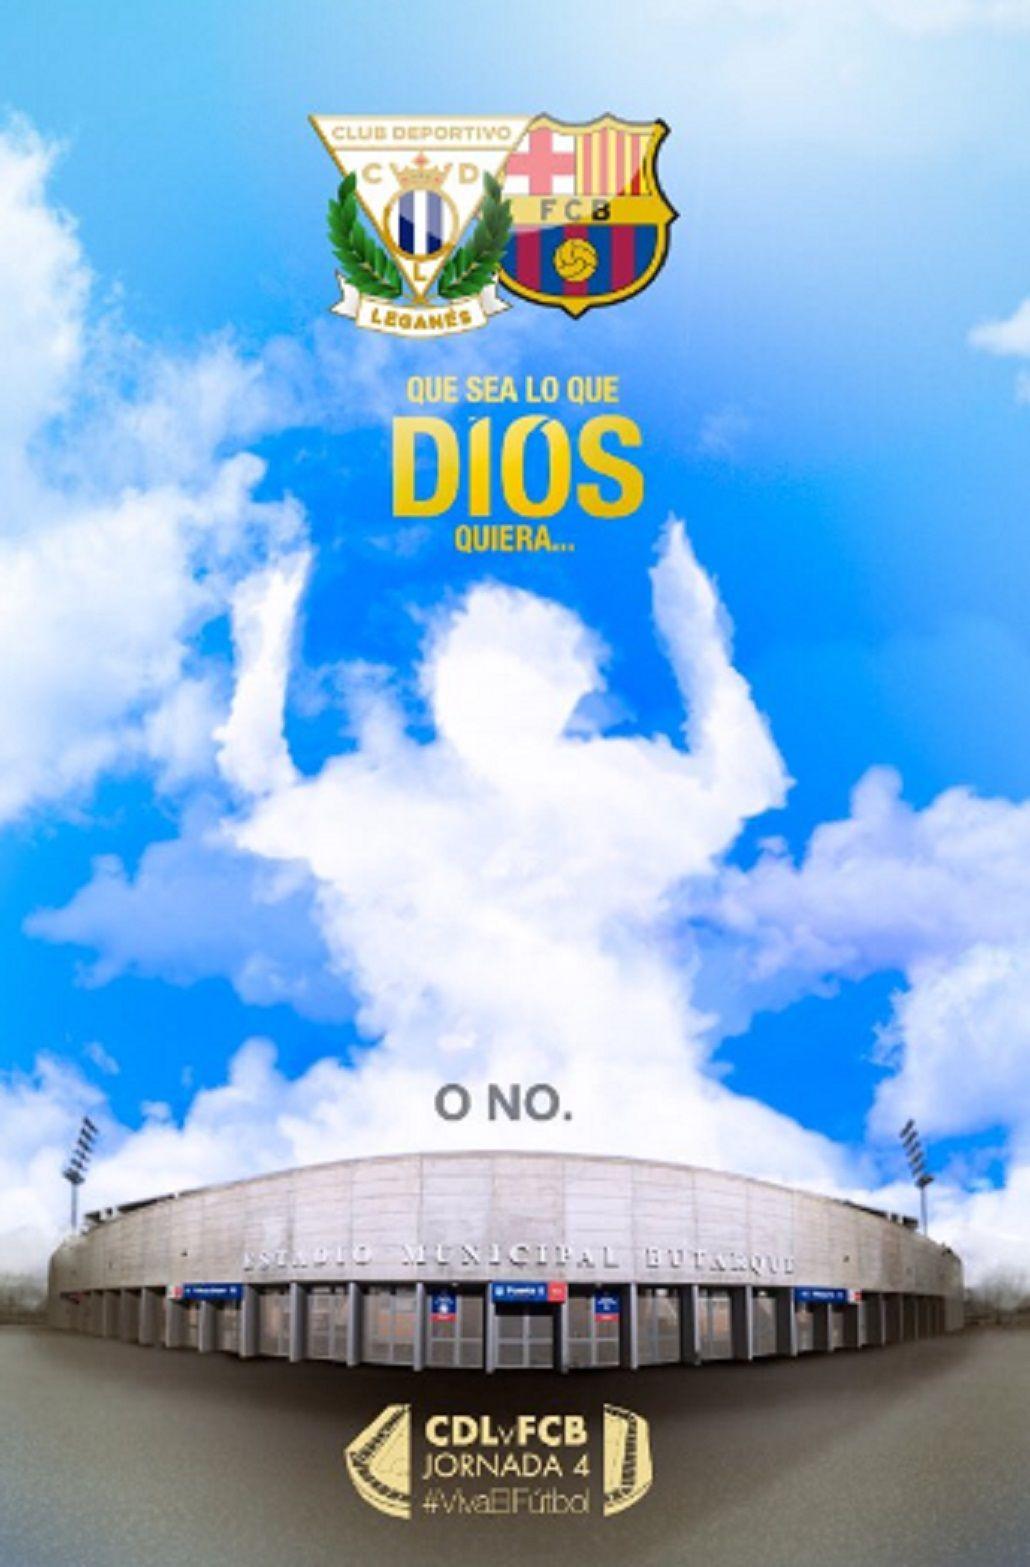 El original cartel que armó un rival del Barcelona para intentar parar a Messi